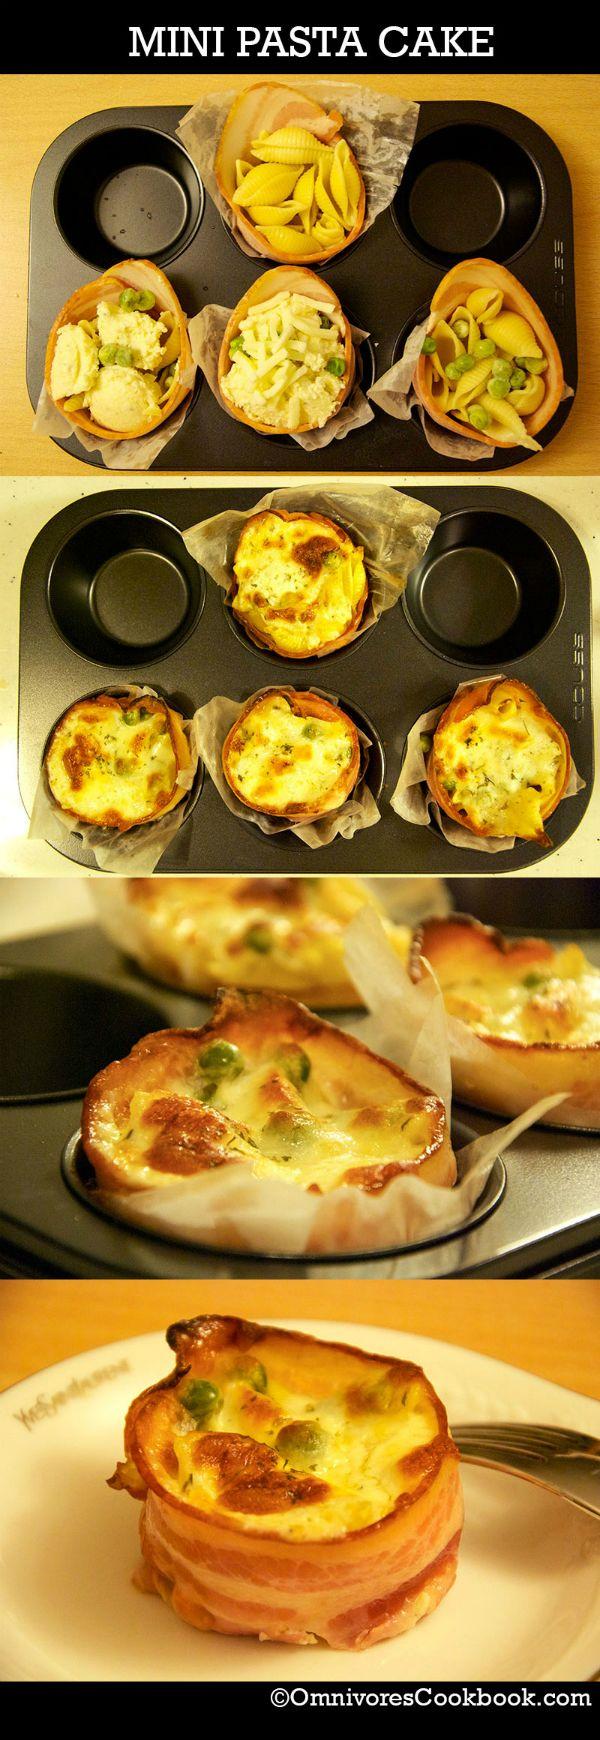 Mini Pasta Cakes